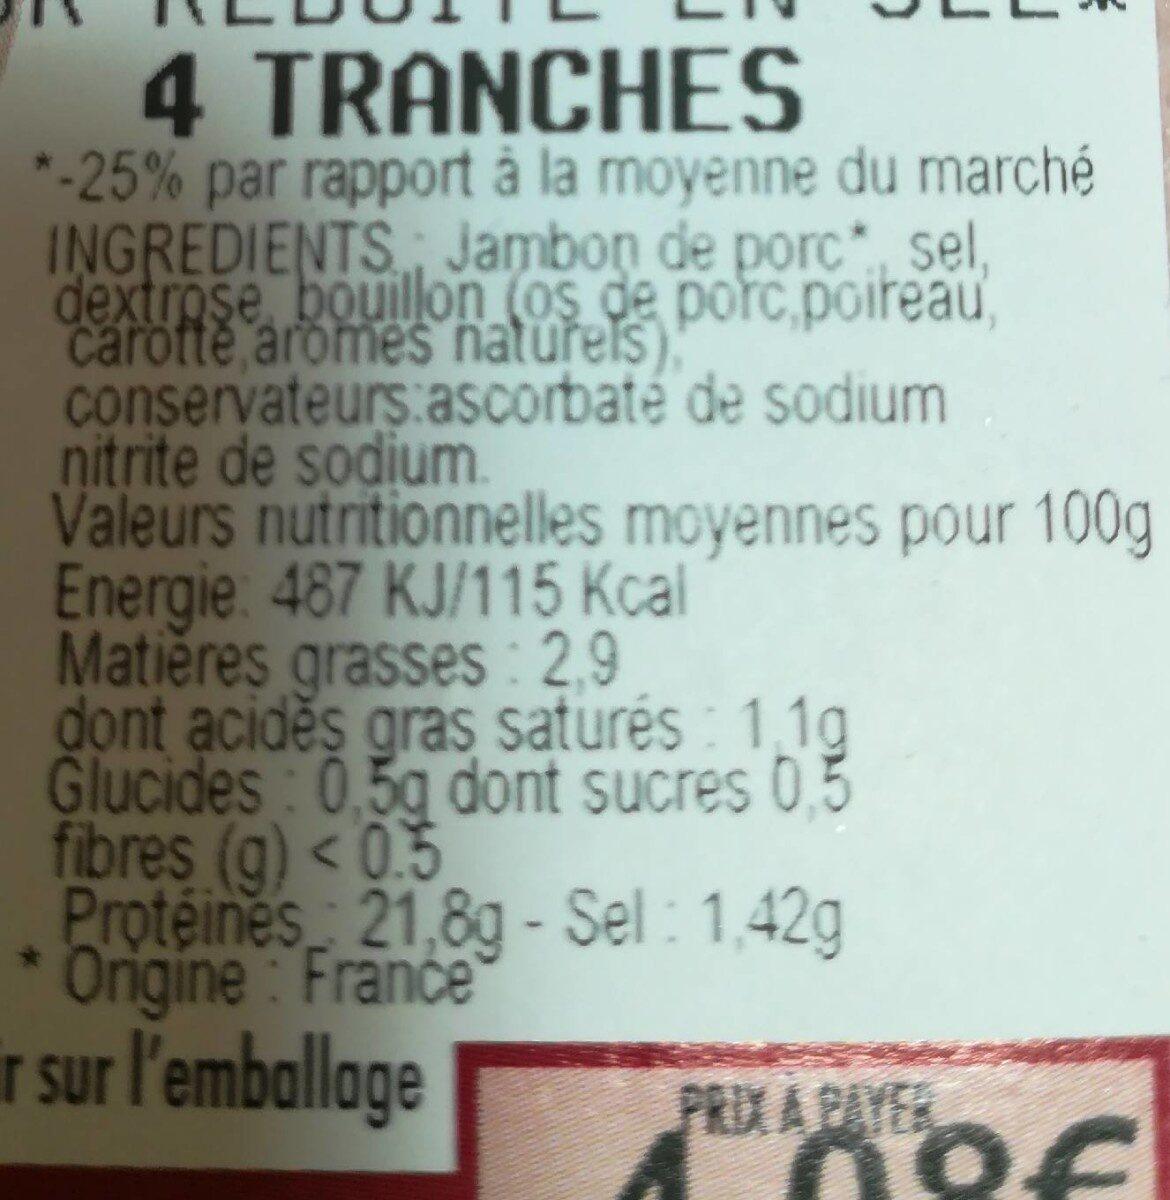 Jambon cuit supérieur - Voedingswaarden - fr